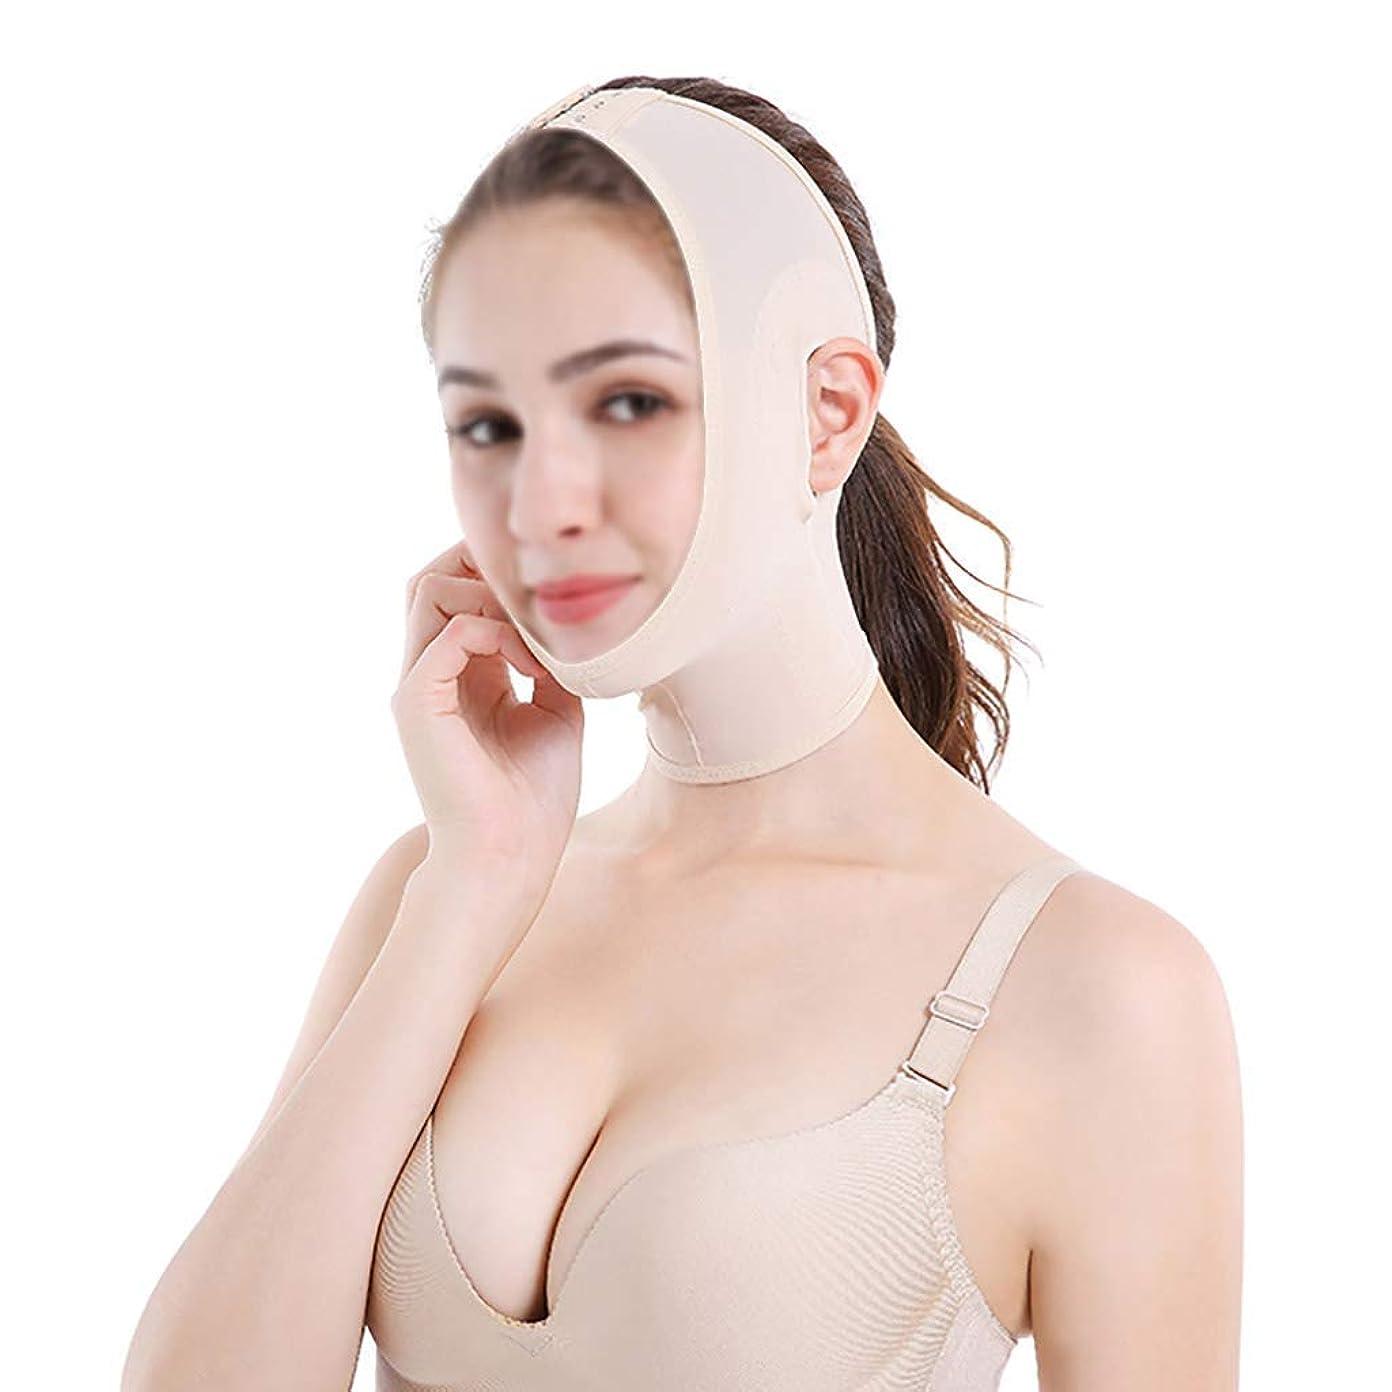 生産性到着脅威ファーミングフェイスマスク、スリムベルトフェイスリフティングバンデージスモールVフェイスマスクフェイスリフティングアーティファクトフェイスリフティングファーミングマスク(サイズ:M),XS